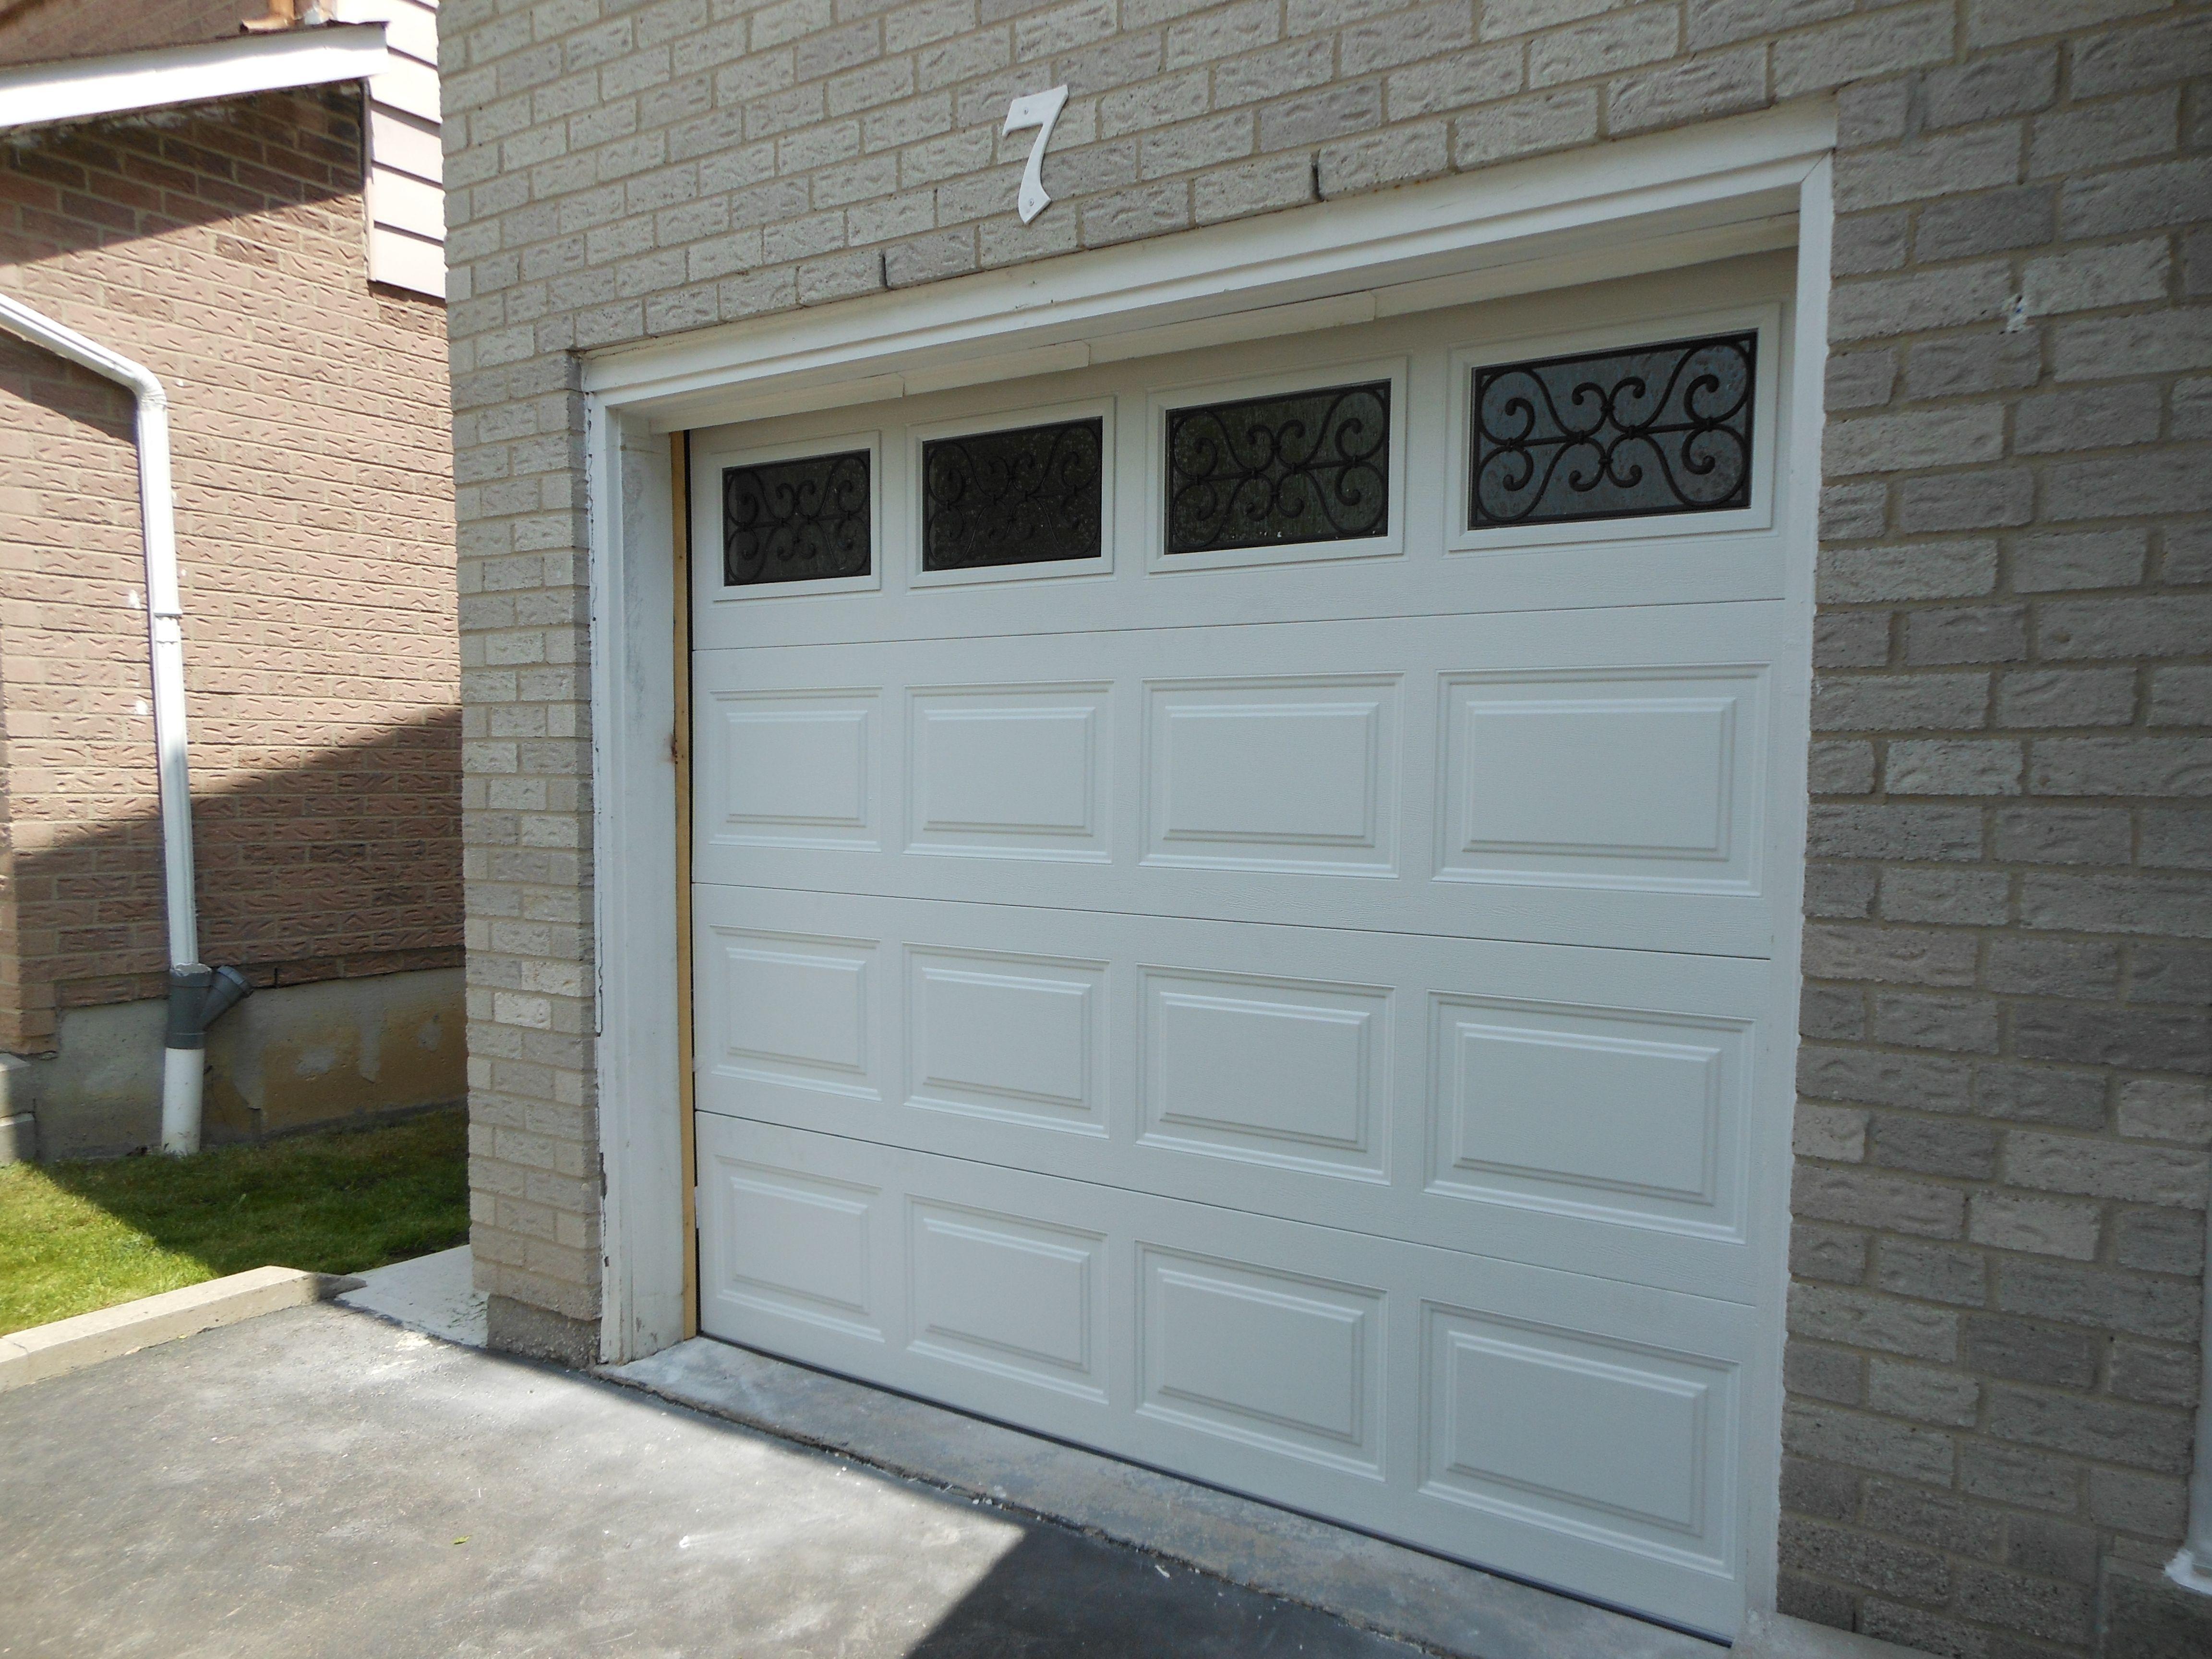 Garage door with windows wrought iron short collection garage garage door with windows wrought iron short collection rubansaba